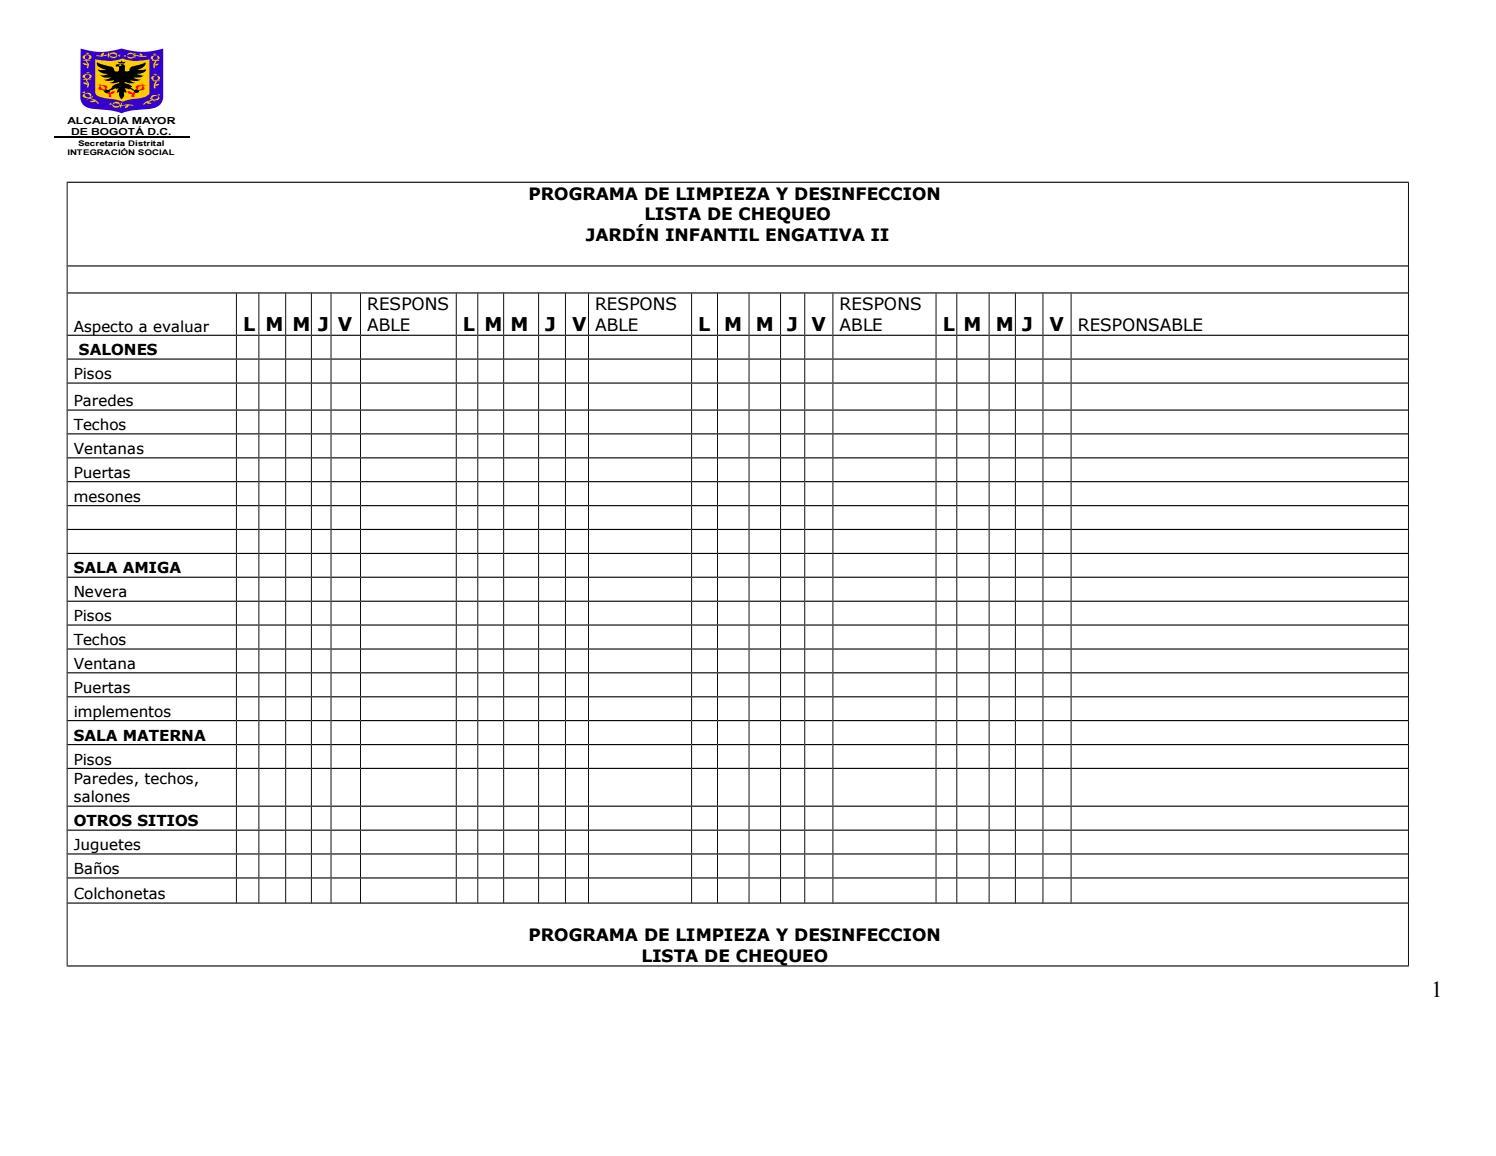 Listas chequeo inspeccion de presencia d plagas by for Programa de limpieza y desinfeccion de una cocina